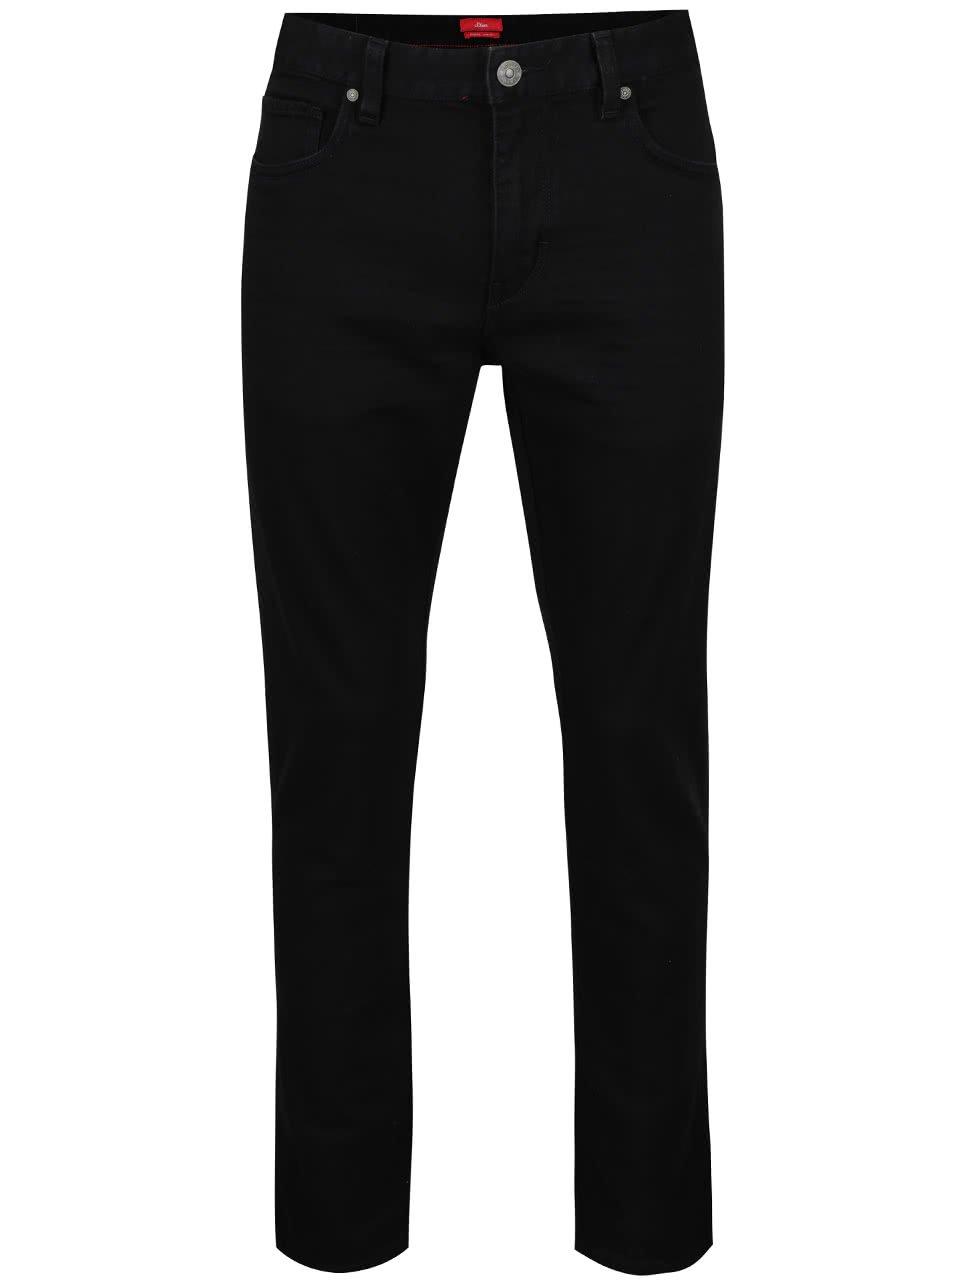 Černé pánské slim džíny s.Oliver